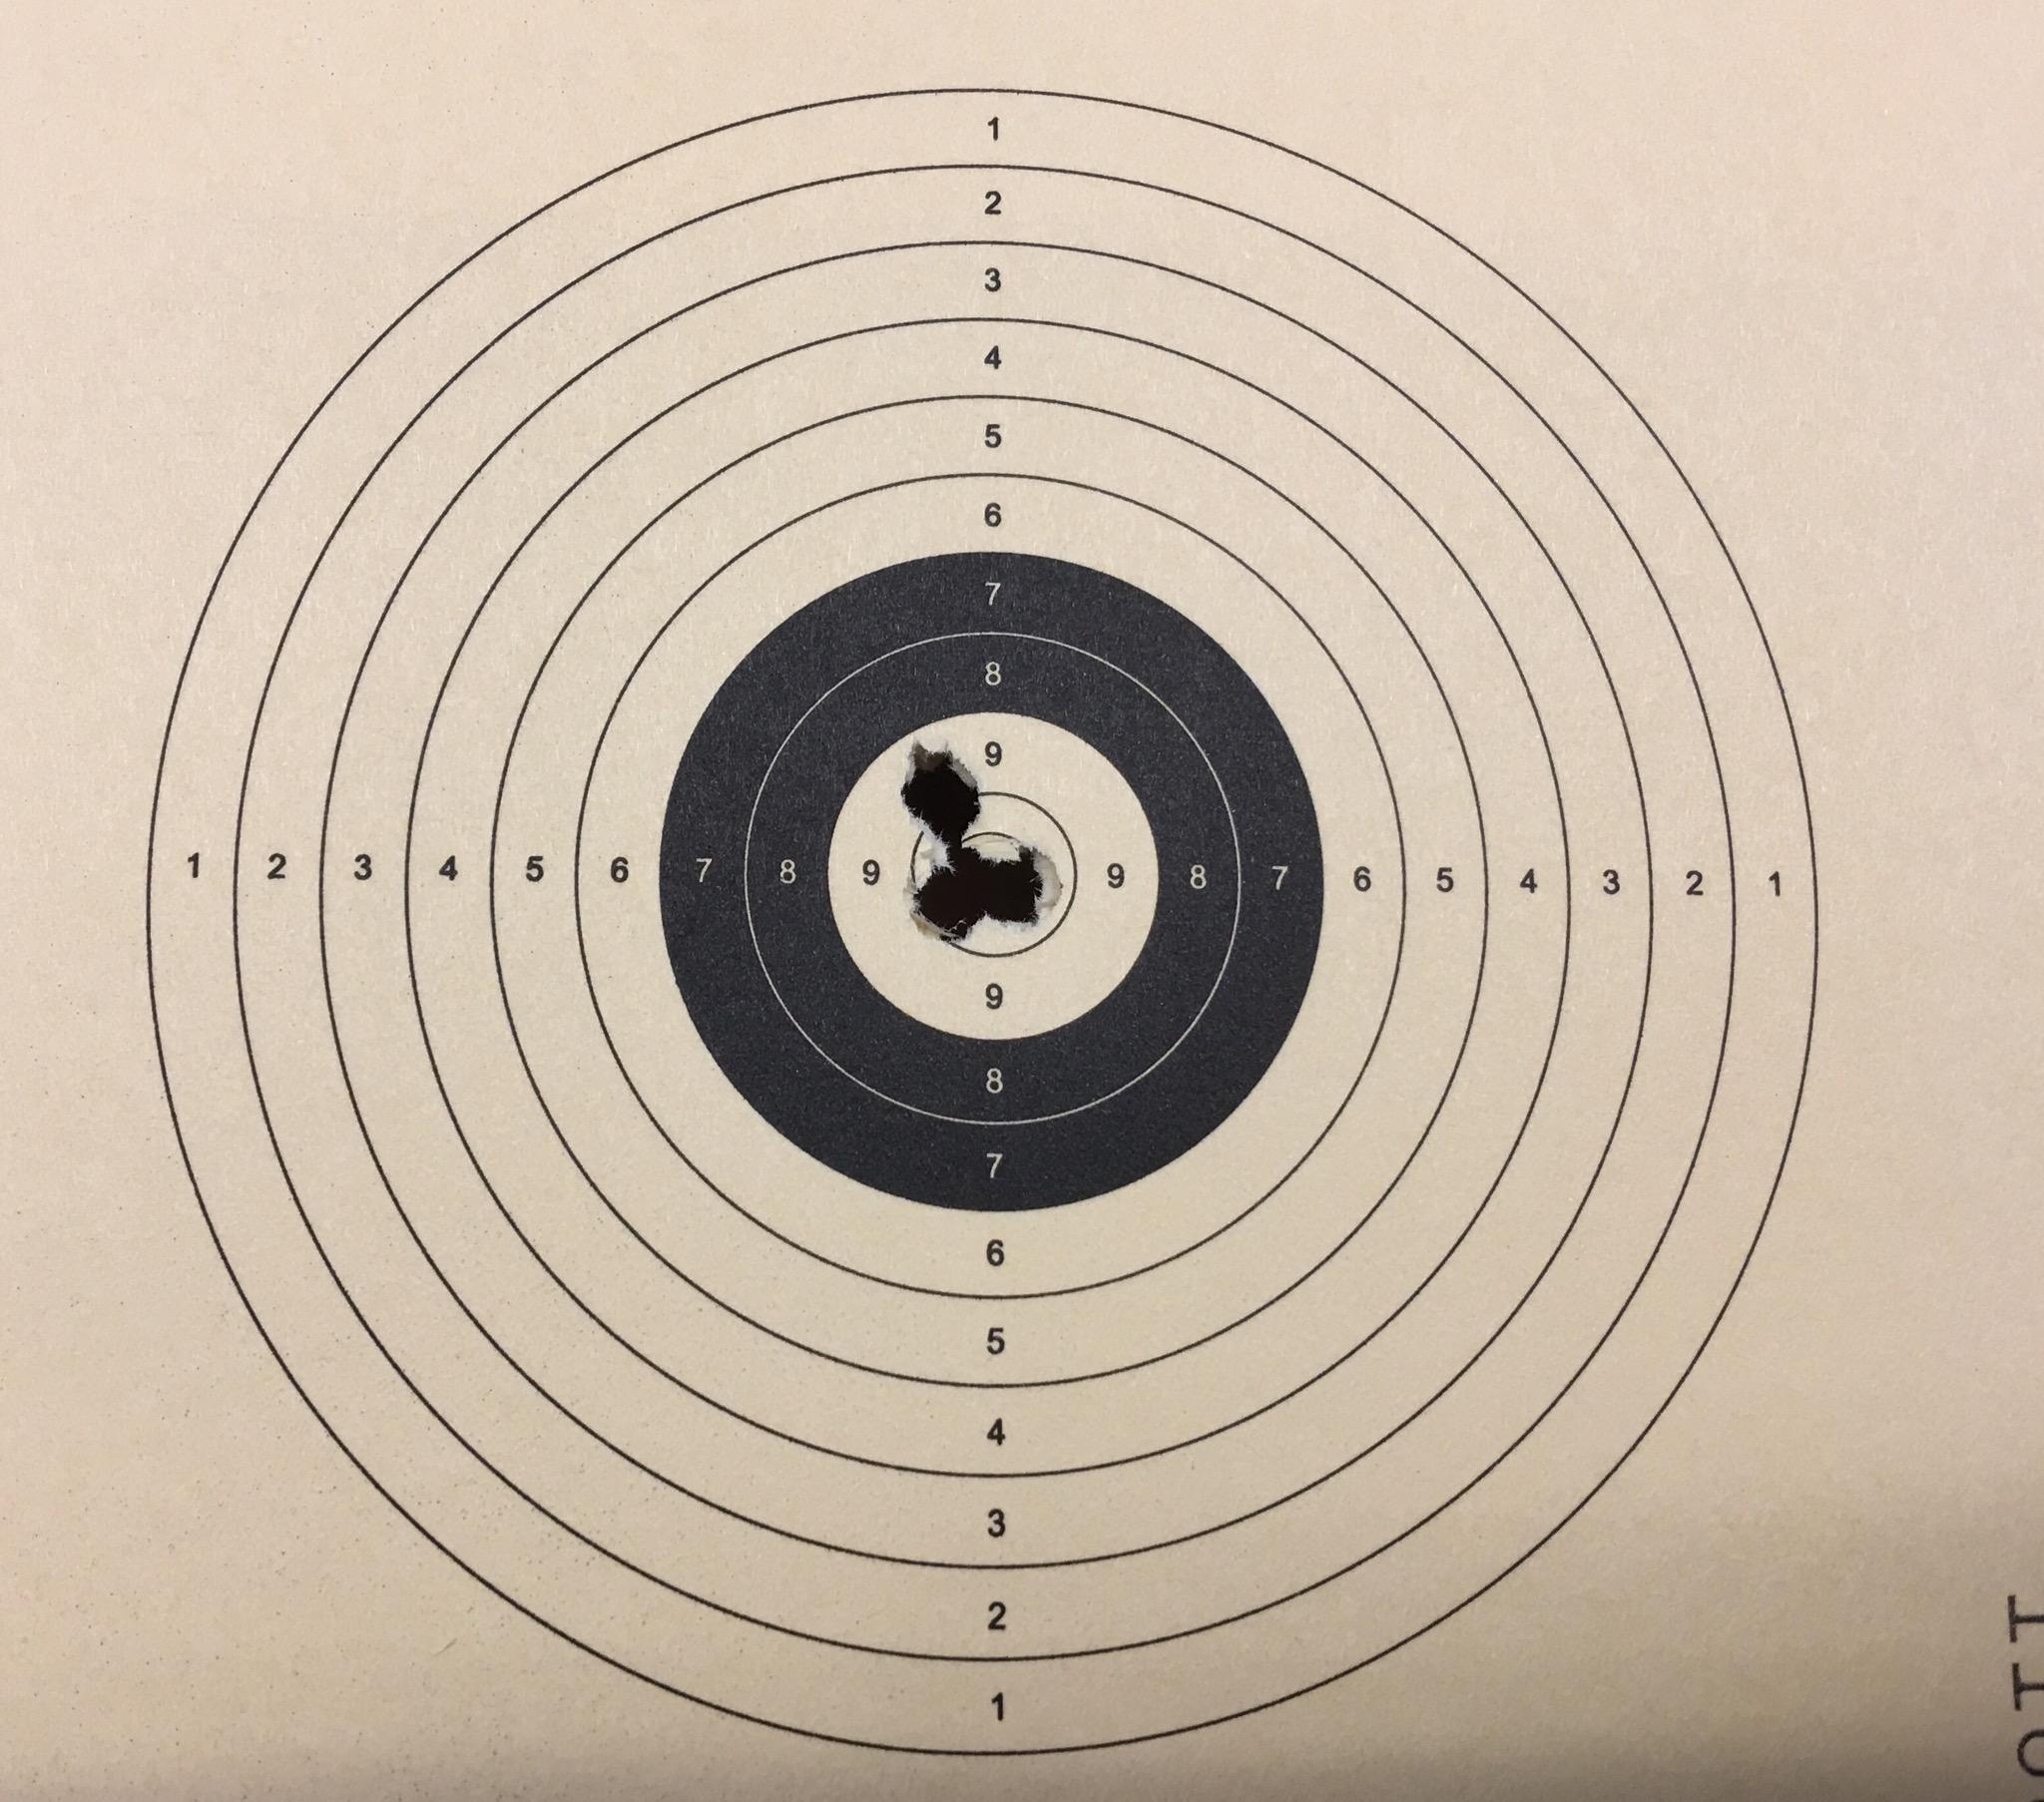 Mein Trefferbild auf 12 m mit so einem Luftgewehr. Für meine Kunden montiere ich die Optik und schieße das Gewehr ein.